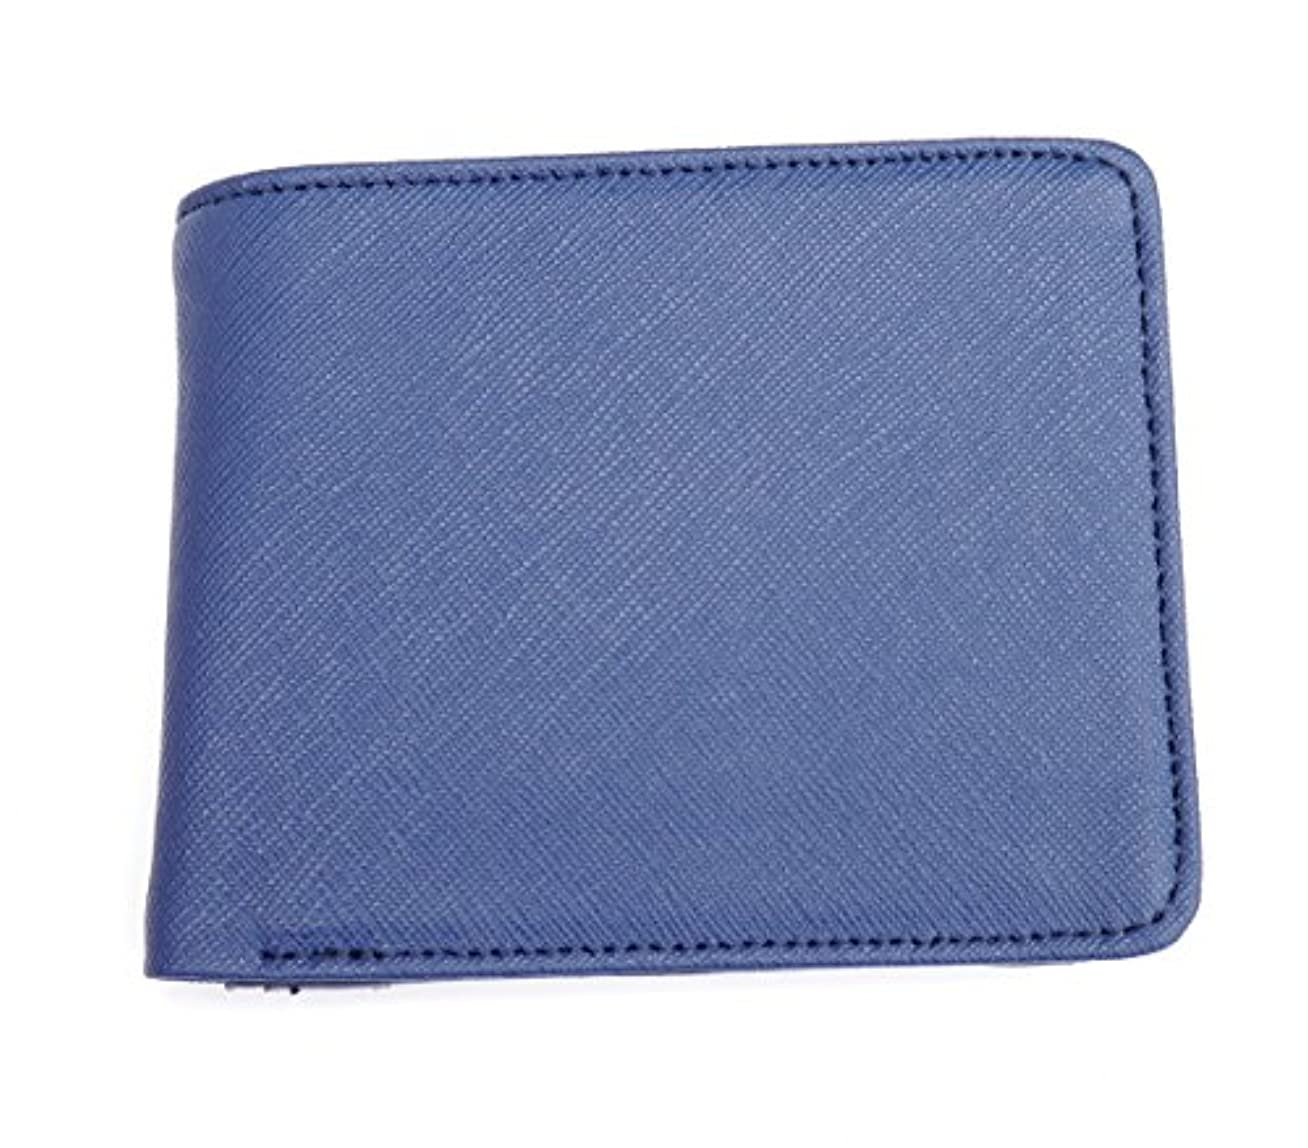 悪意判定愛撫牛革 折り財布 カード入れ レザー調型押し 財布 メンズ YW-307-2